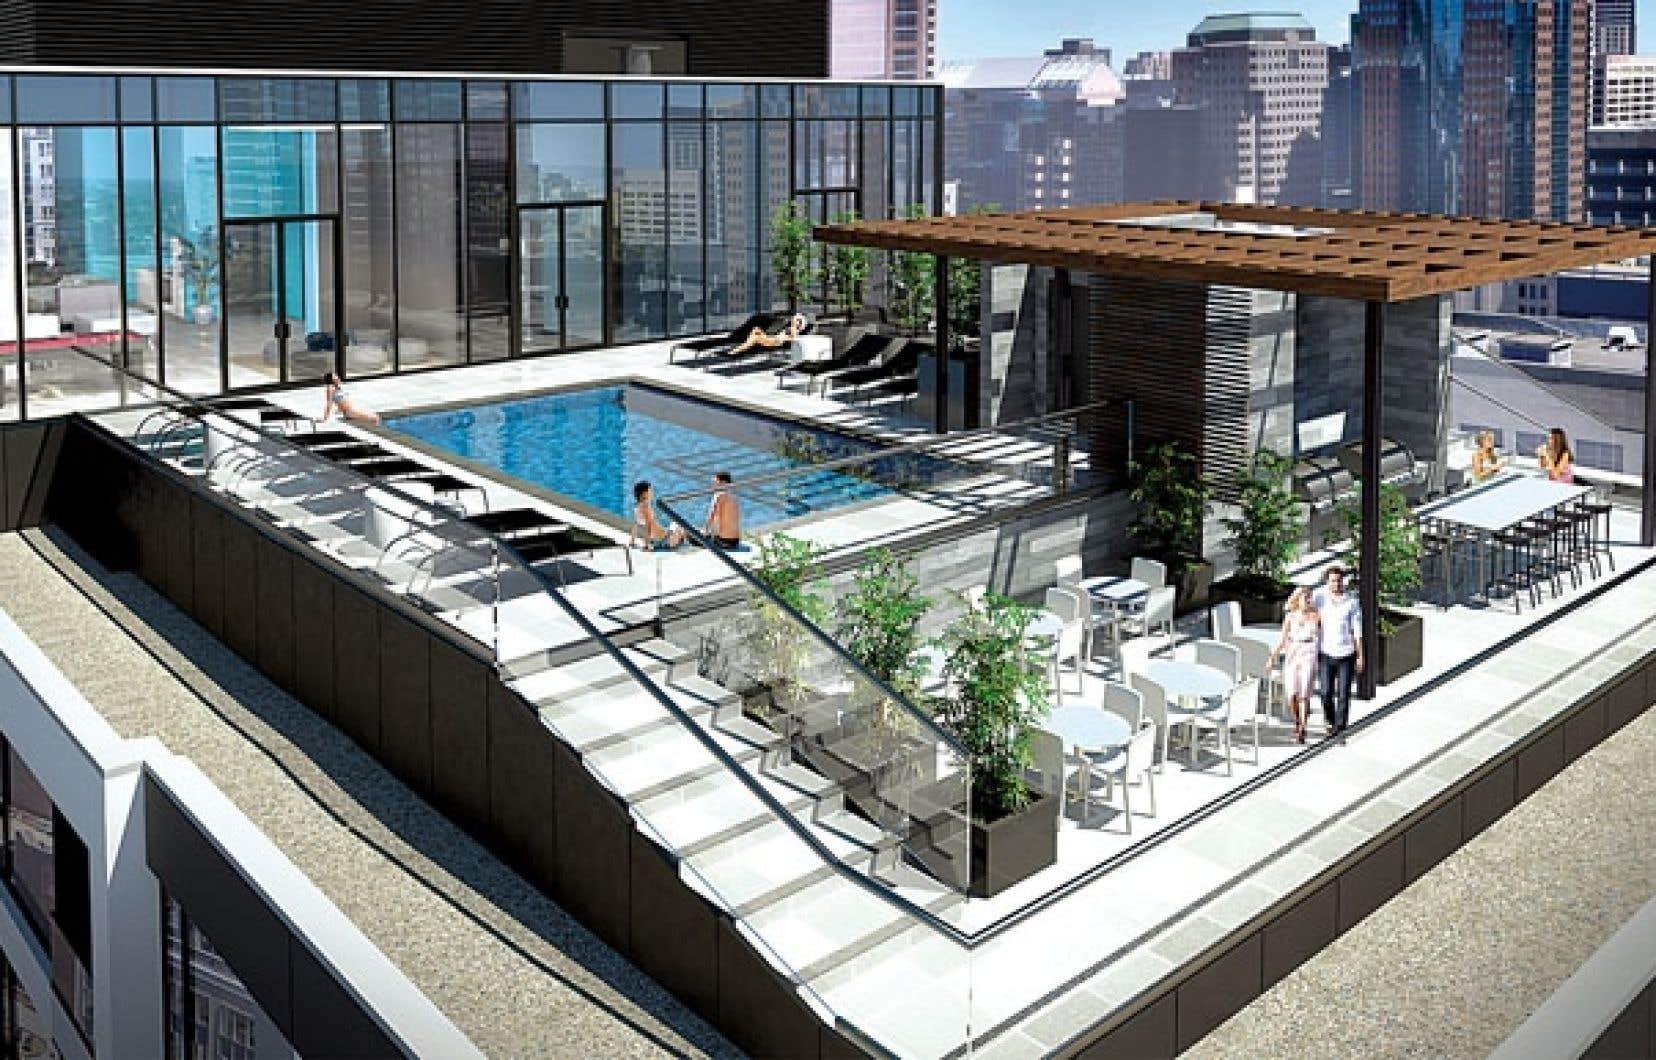 Le Drummond s'élèvera sur près de 80 mètres au-dessus de la ville, visible depuis la terrasse sur le toit.